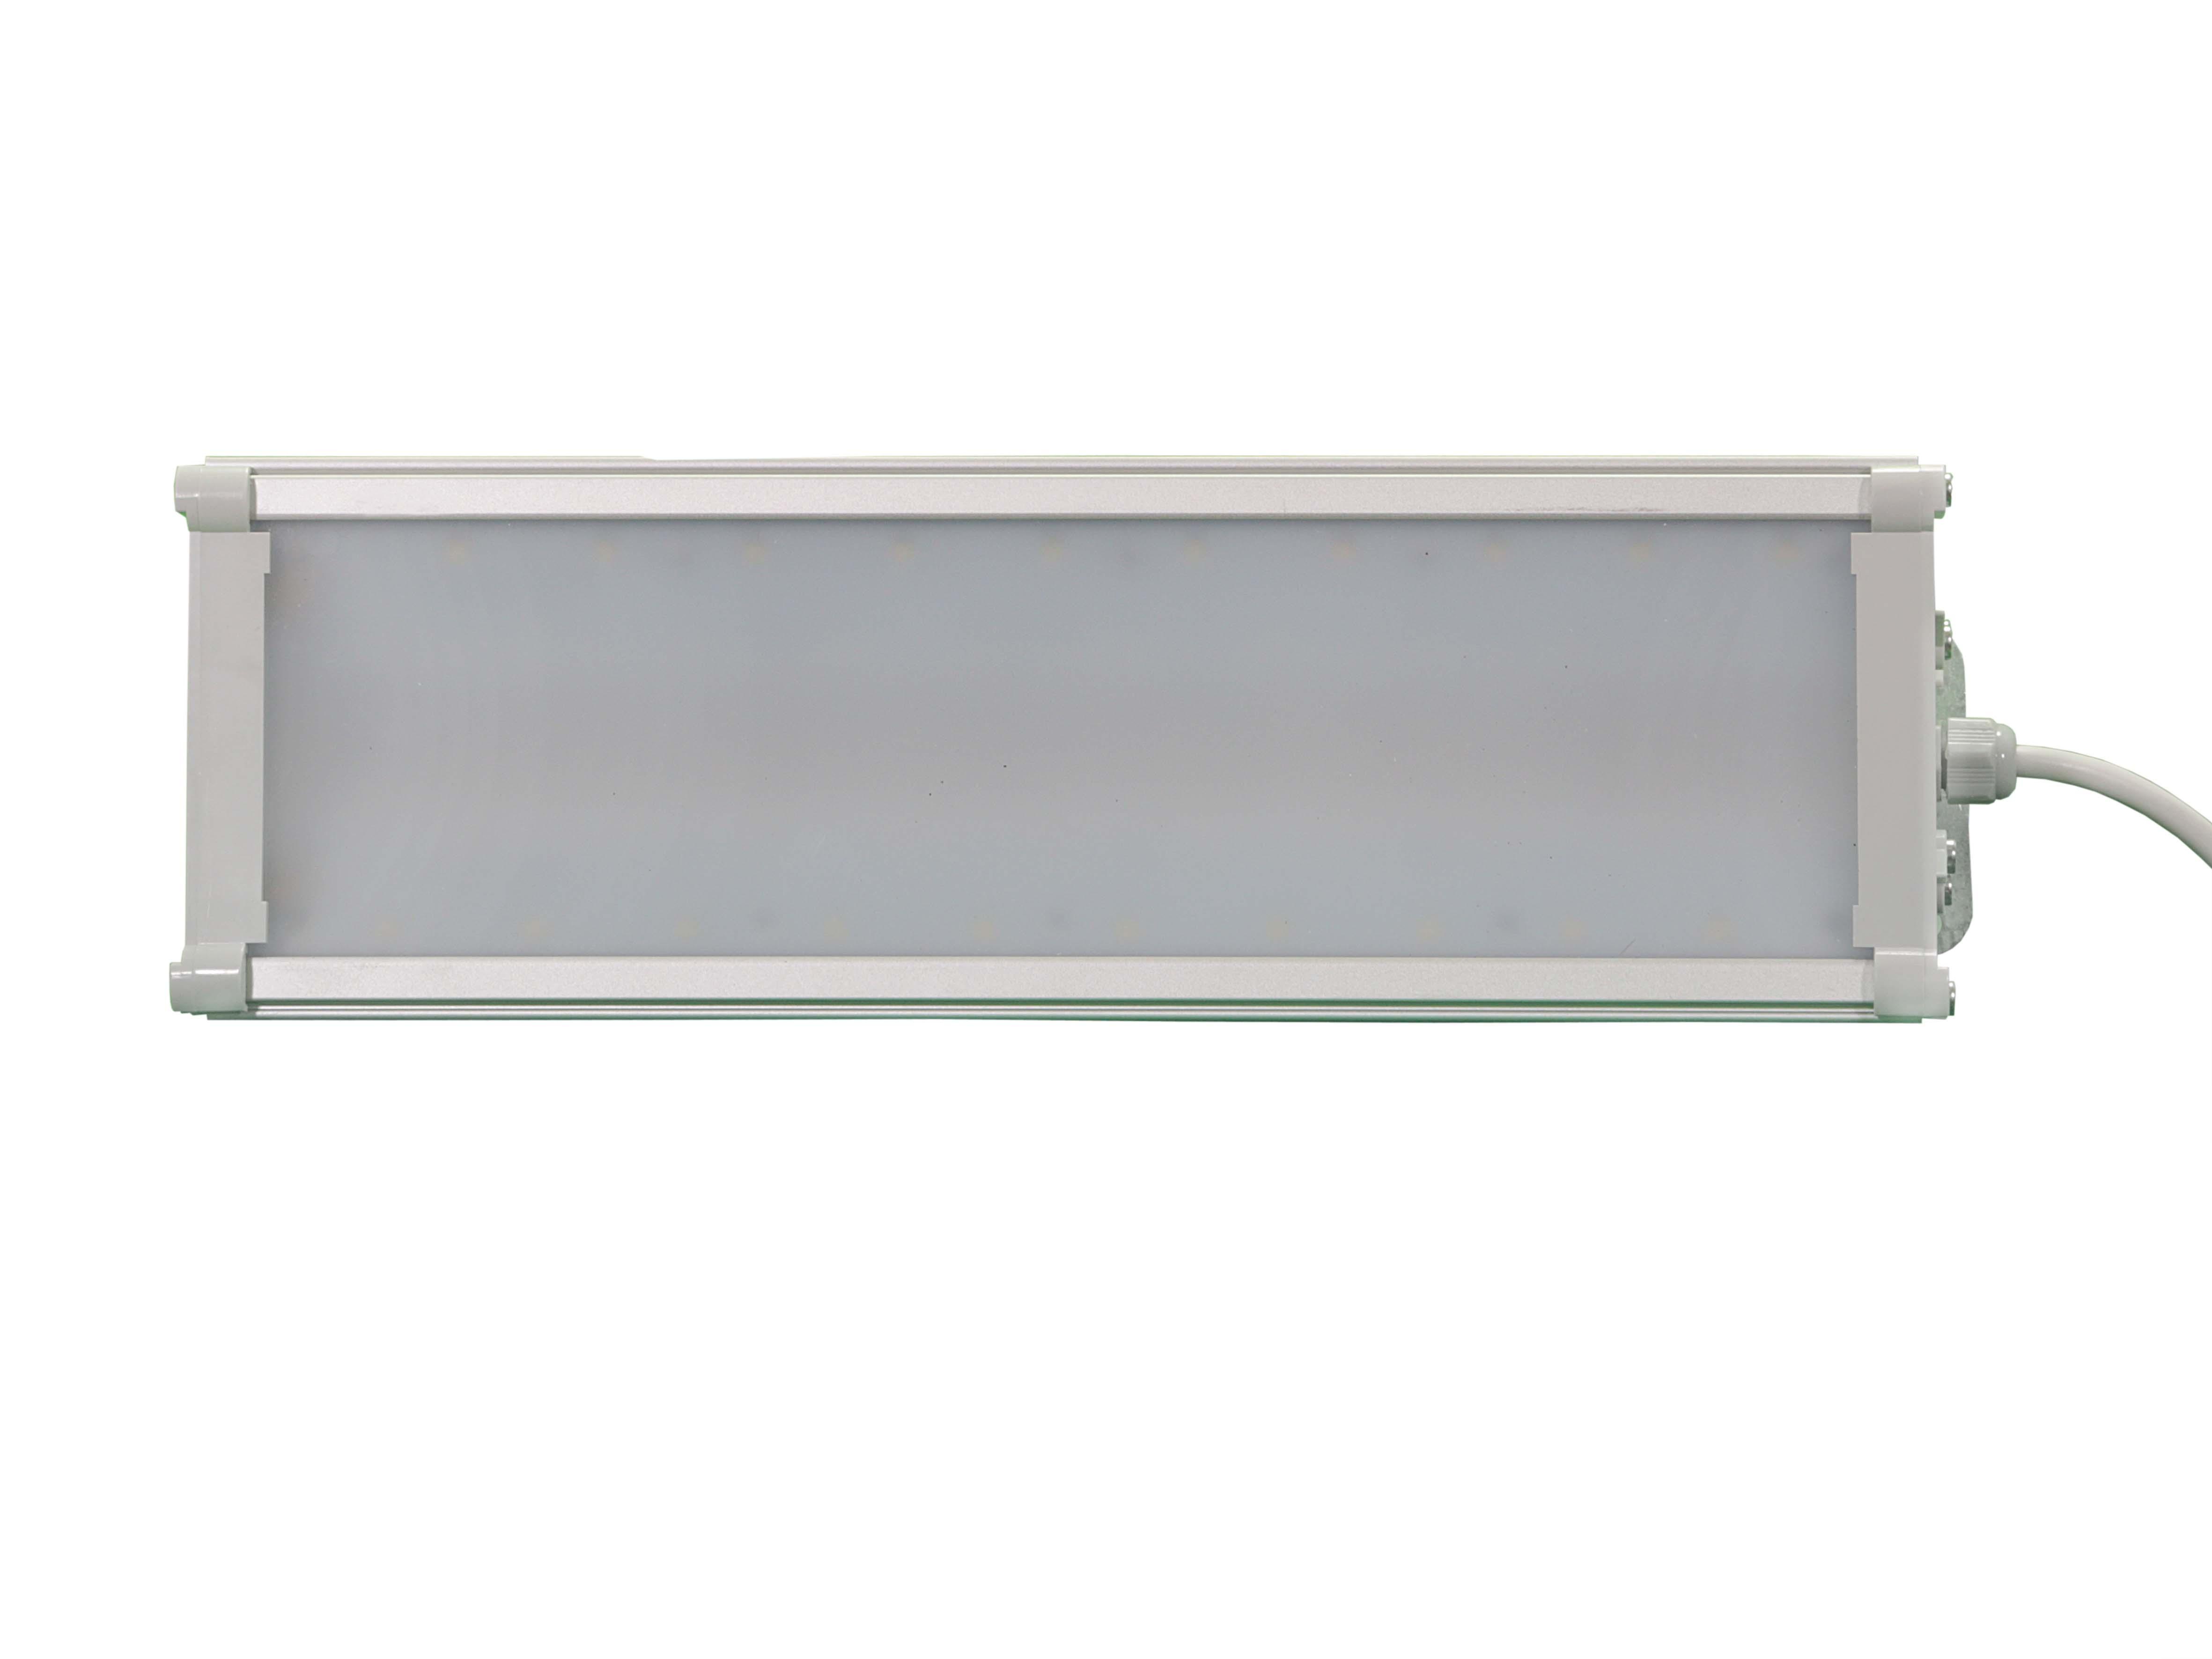 Офисный светодиодный светильник Армстронг Мини Стандарт-25 25Вт 2825Лм